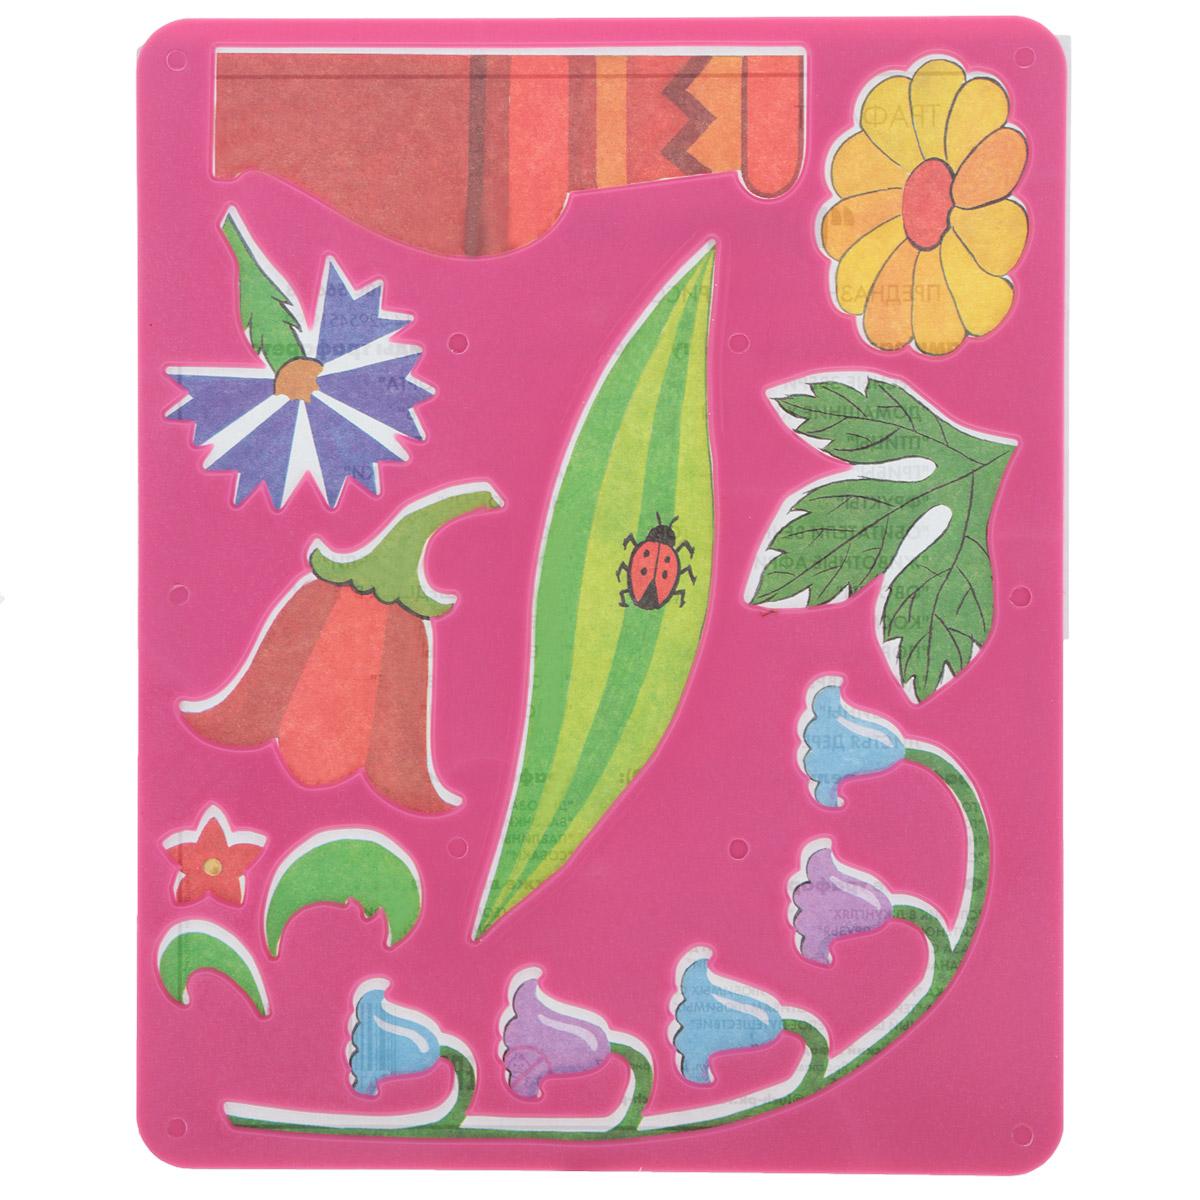 Луч Трафарет прорезной Цветы луговые цвет основы розовый10С 566-08Трафарет Луч Цветы луговые, выполненный из безопасного пластика, предназначен для детского творчества. По трафарету маленькие художники смогут нарисовать красивый букет из луговых цветов и поместить его в вазу. Для этого необходимо положить трафарет на лист бумаги, обвести фигуру по контуру и раскрасить по своему вкусу или глядя на цветную картинку-образец. Трафареты предназначены для развития у детей мелкой моторики и зрительно-двигательной координации, навыков художественной композиции и зрительного восприятия.